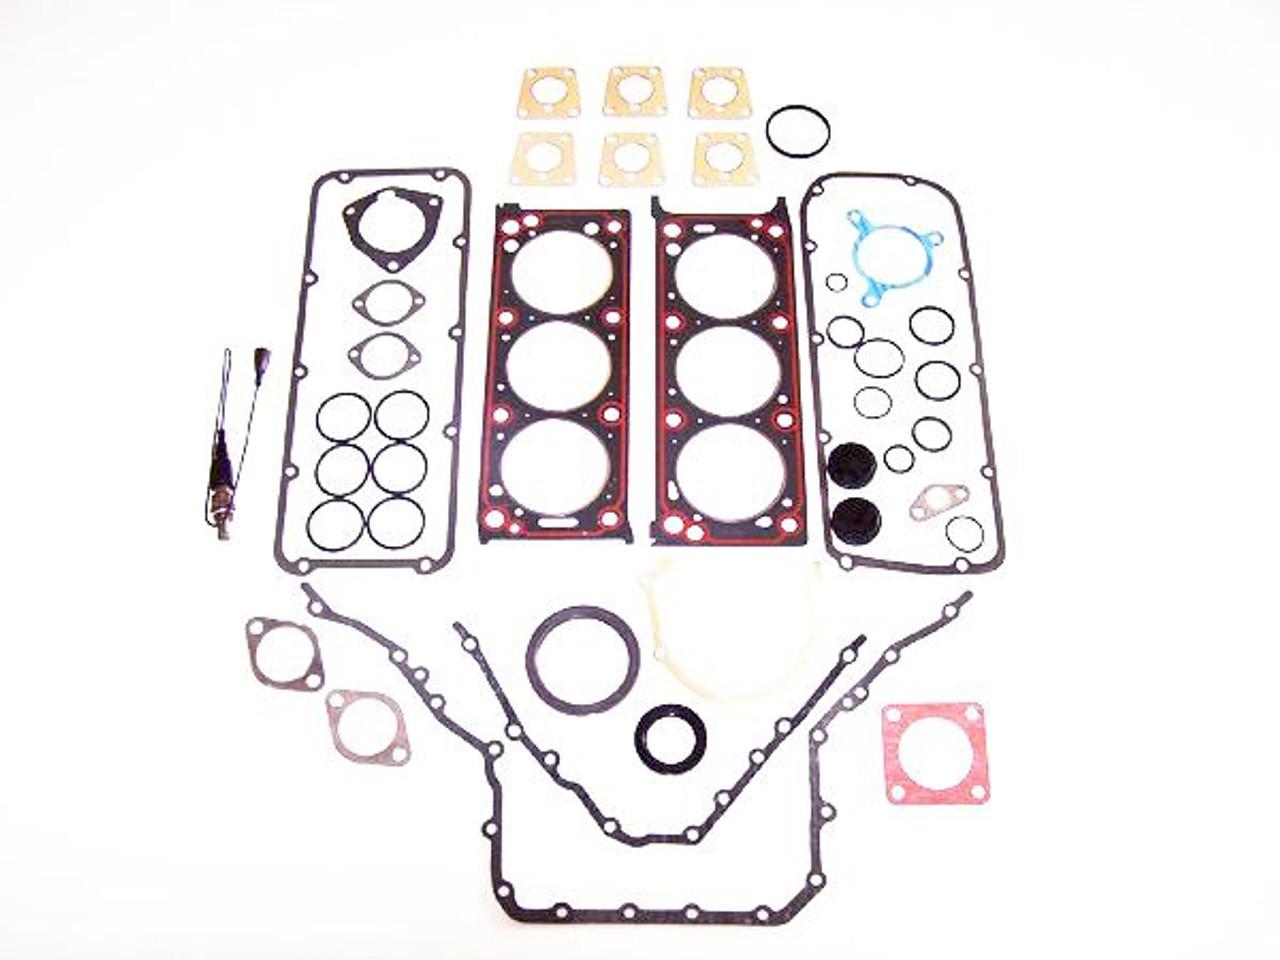 3.0 Headgasket kit